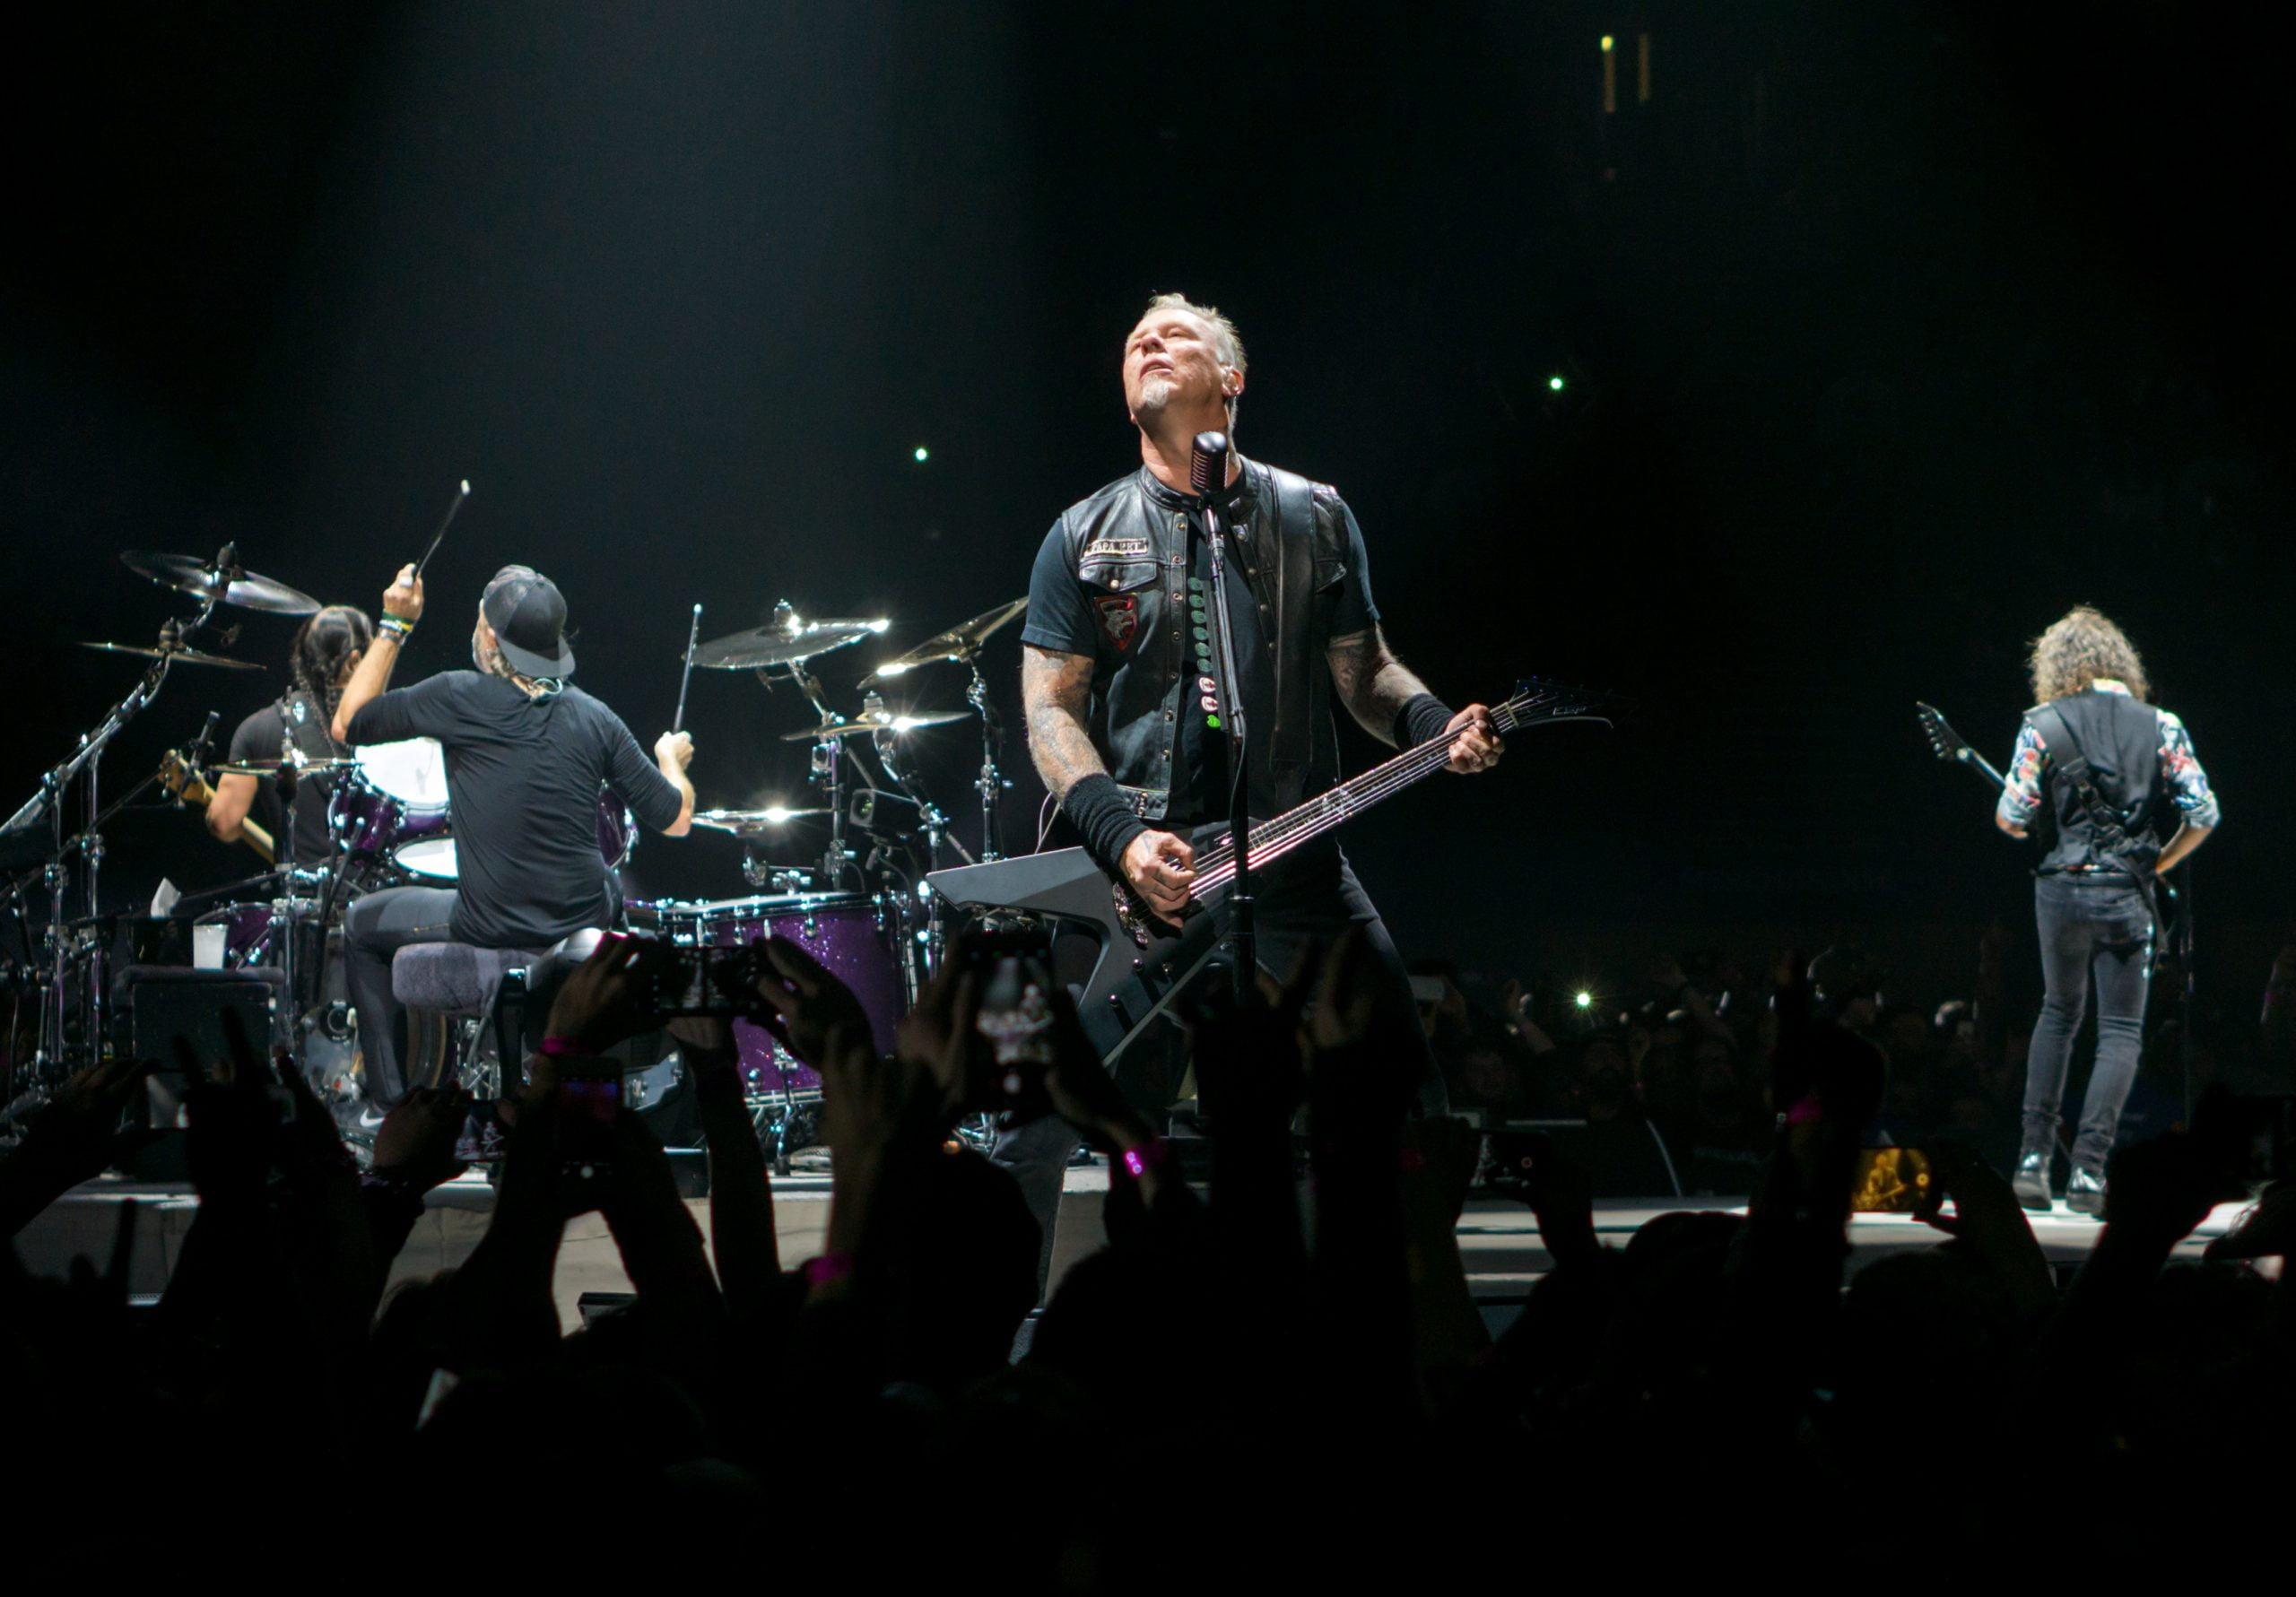 Por problemas de derechos Twitch no puede transmitir las canciones de Metallica durante su presentación en la Blizzcon